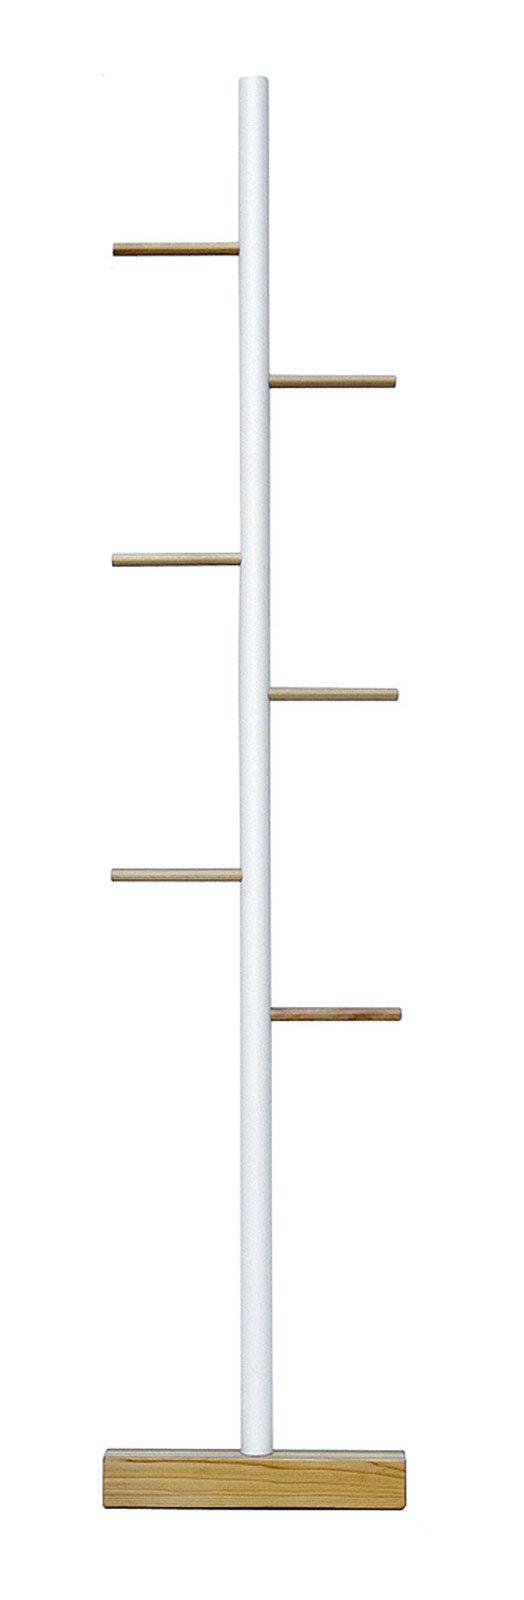 Si appoggia a una parete ed è pronto all'utilizzo l'appendiabiti in legno massello di faggio con la piantana centrale verniciata di bianco; misura L 45 x P 6 x H 190 cm e costa 103 euro Dorei di Valsecchi www.valsecchispa.it